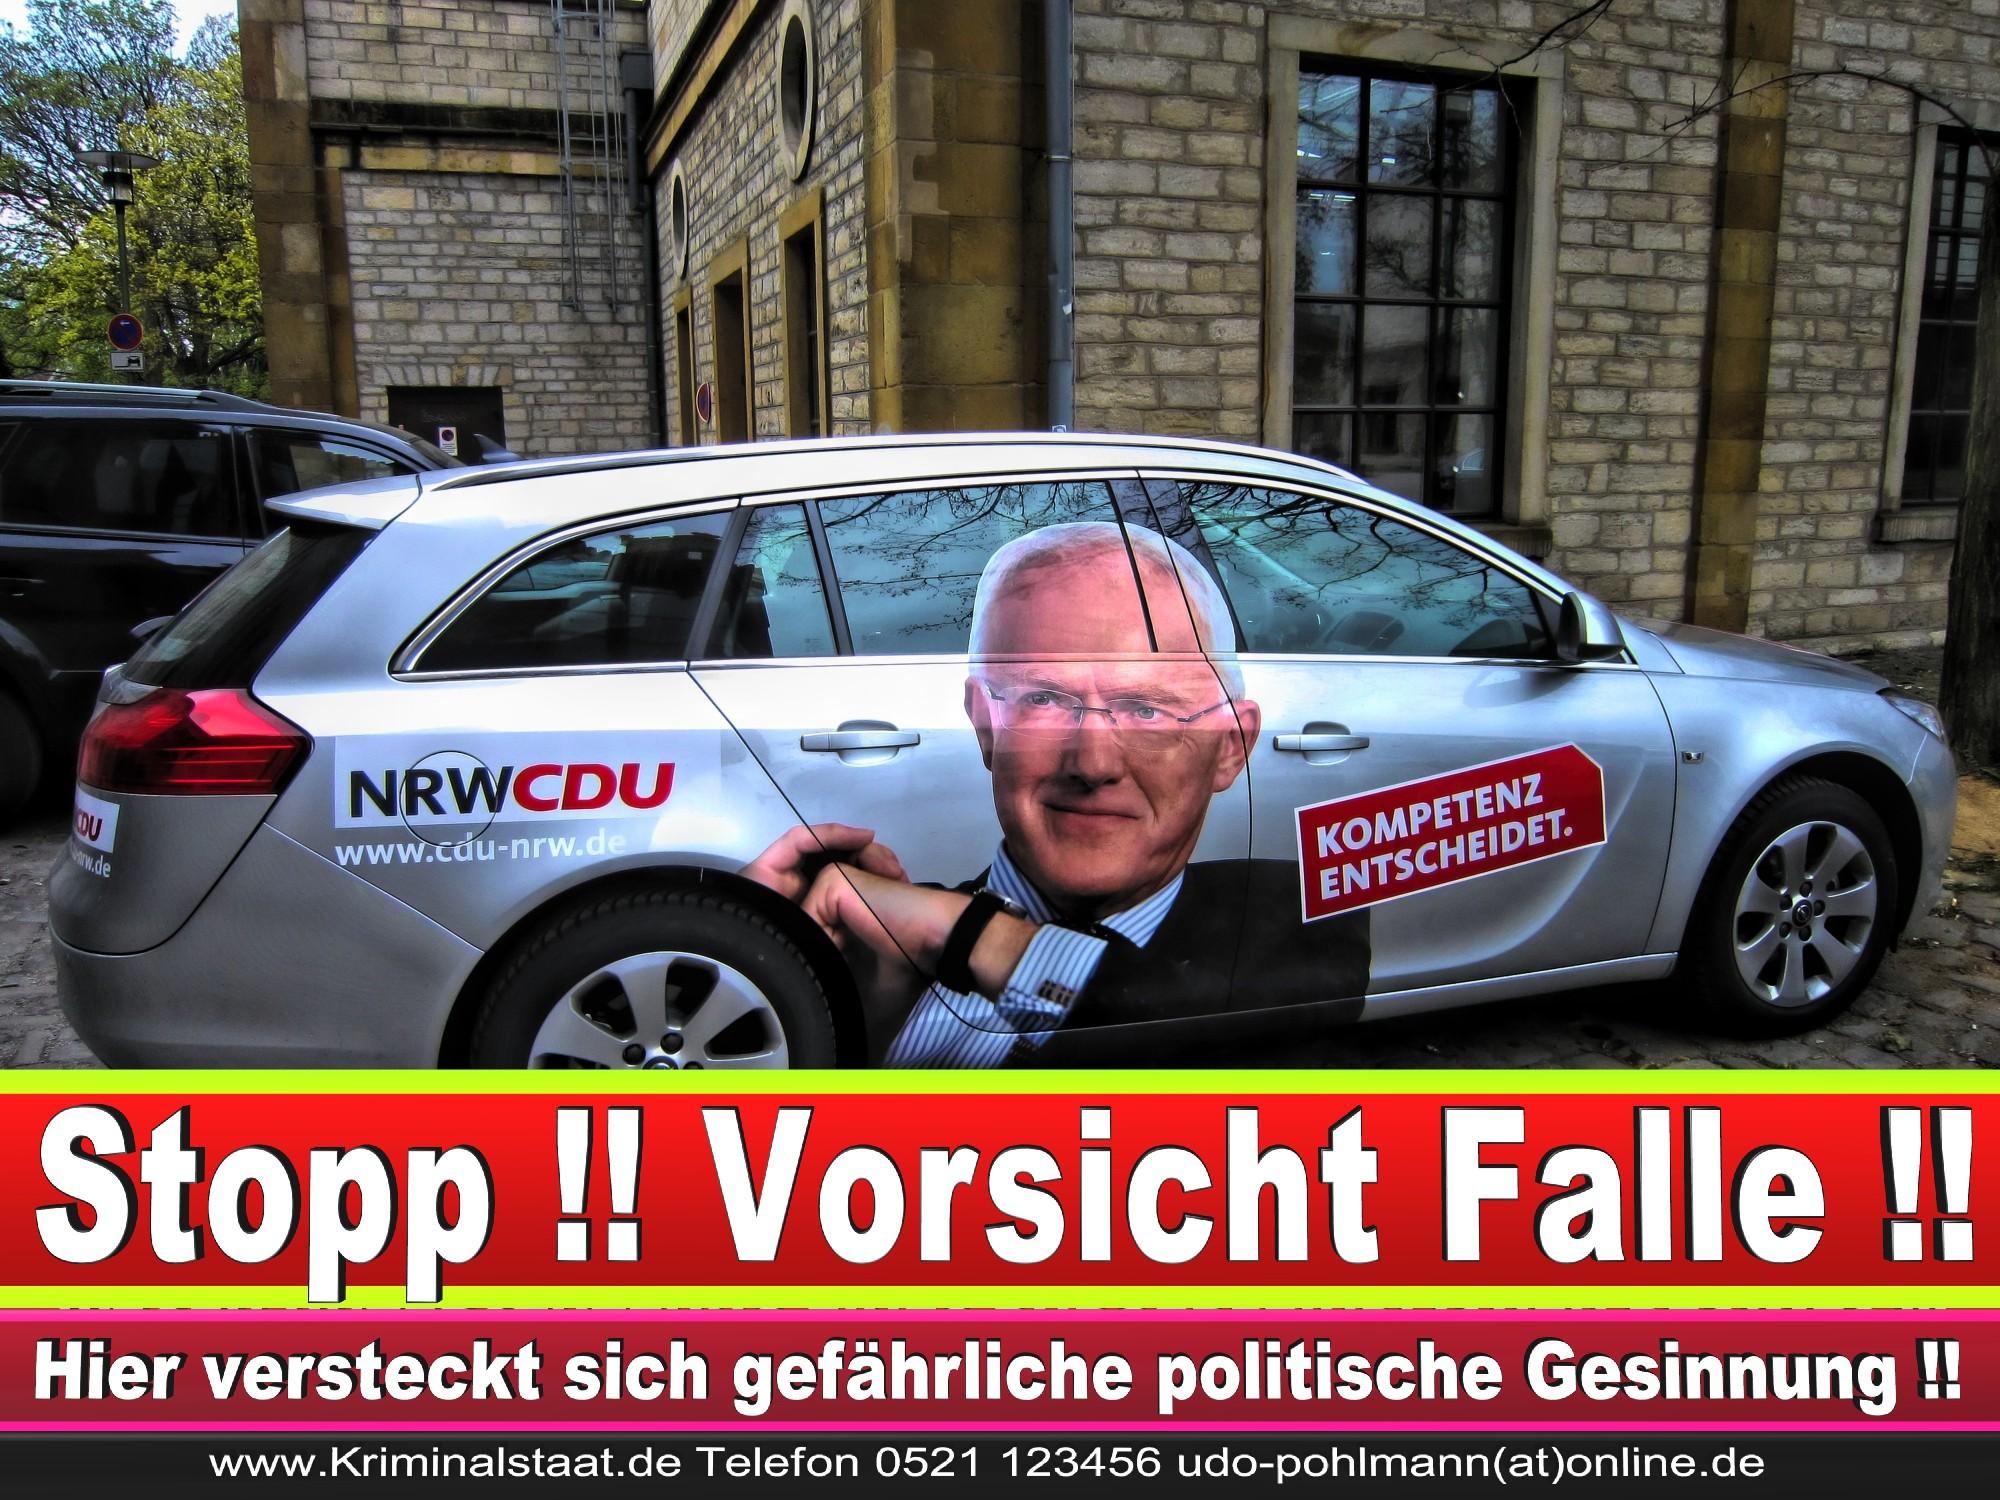 Wahlwerbung Wahlplakate Landtagswahl 2019 Europawahl CDU SPD FDP 2021 (15)